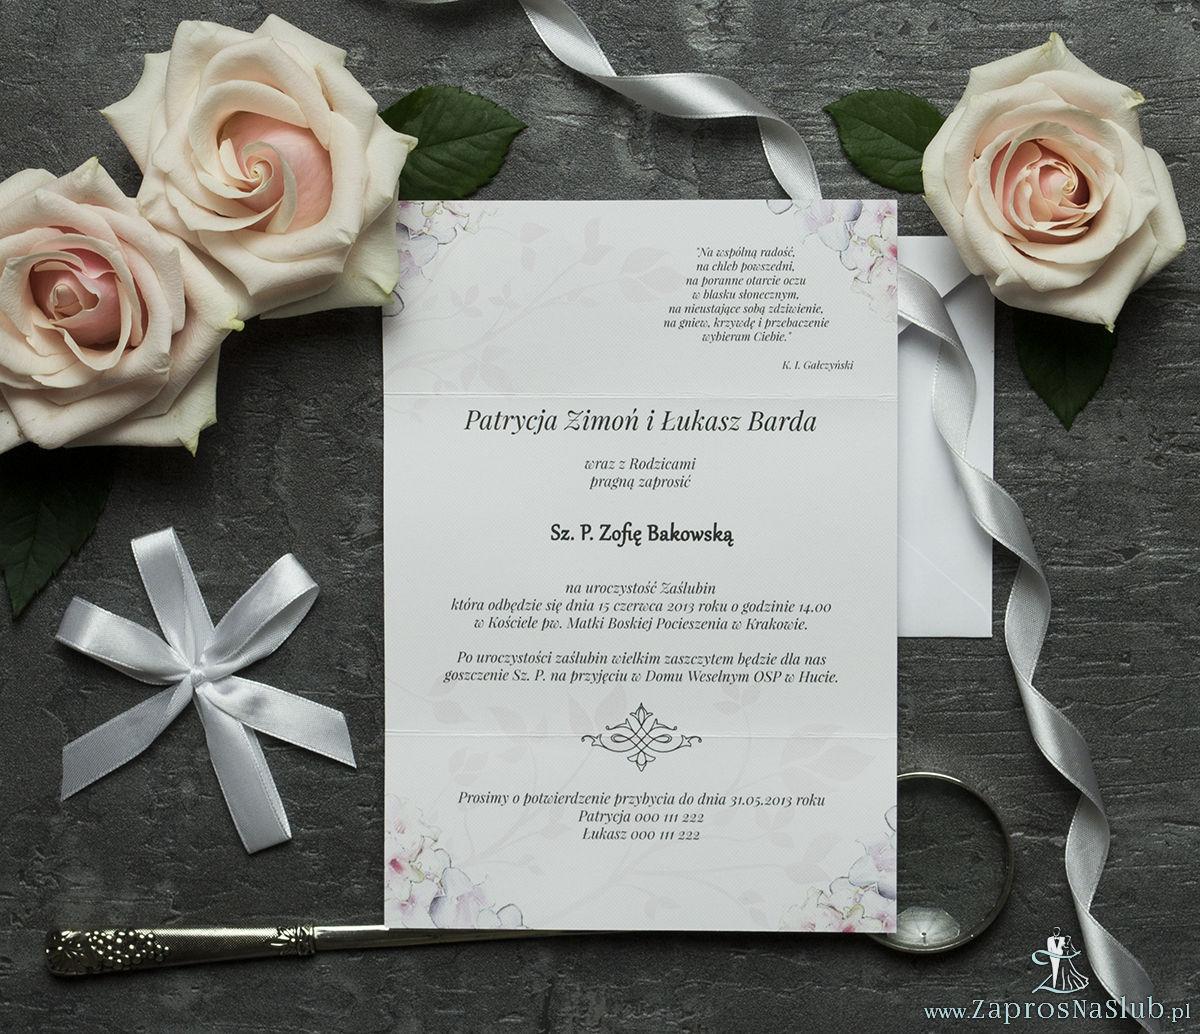 Unikatowe zaproszenia ślubne z kwiatami. Różowo-białe kwiaty i wstążka w białym kolorze. ZAP-93-07